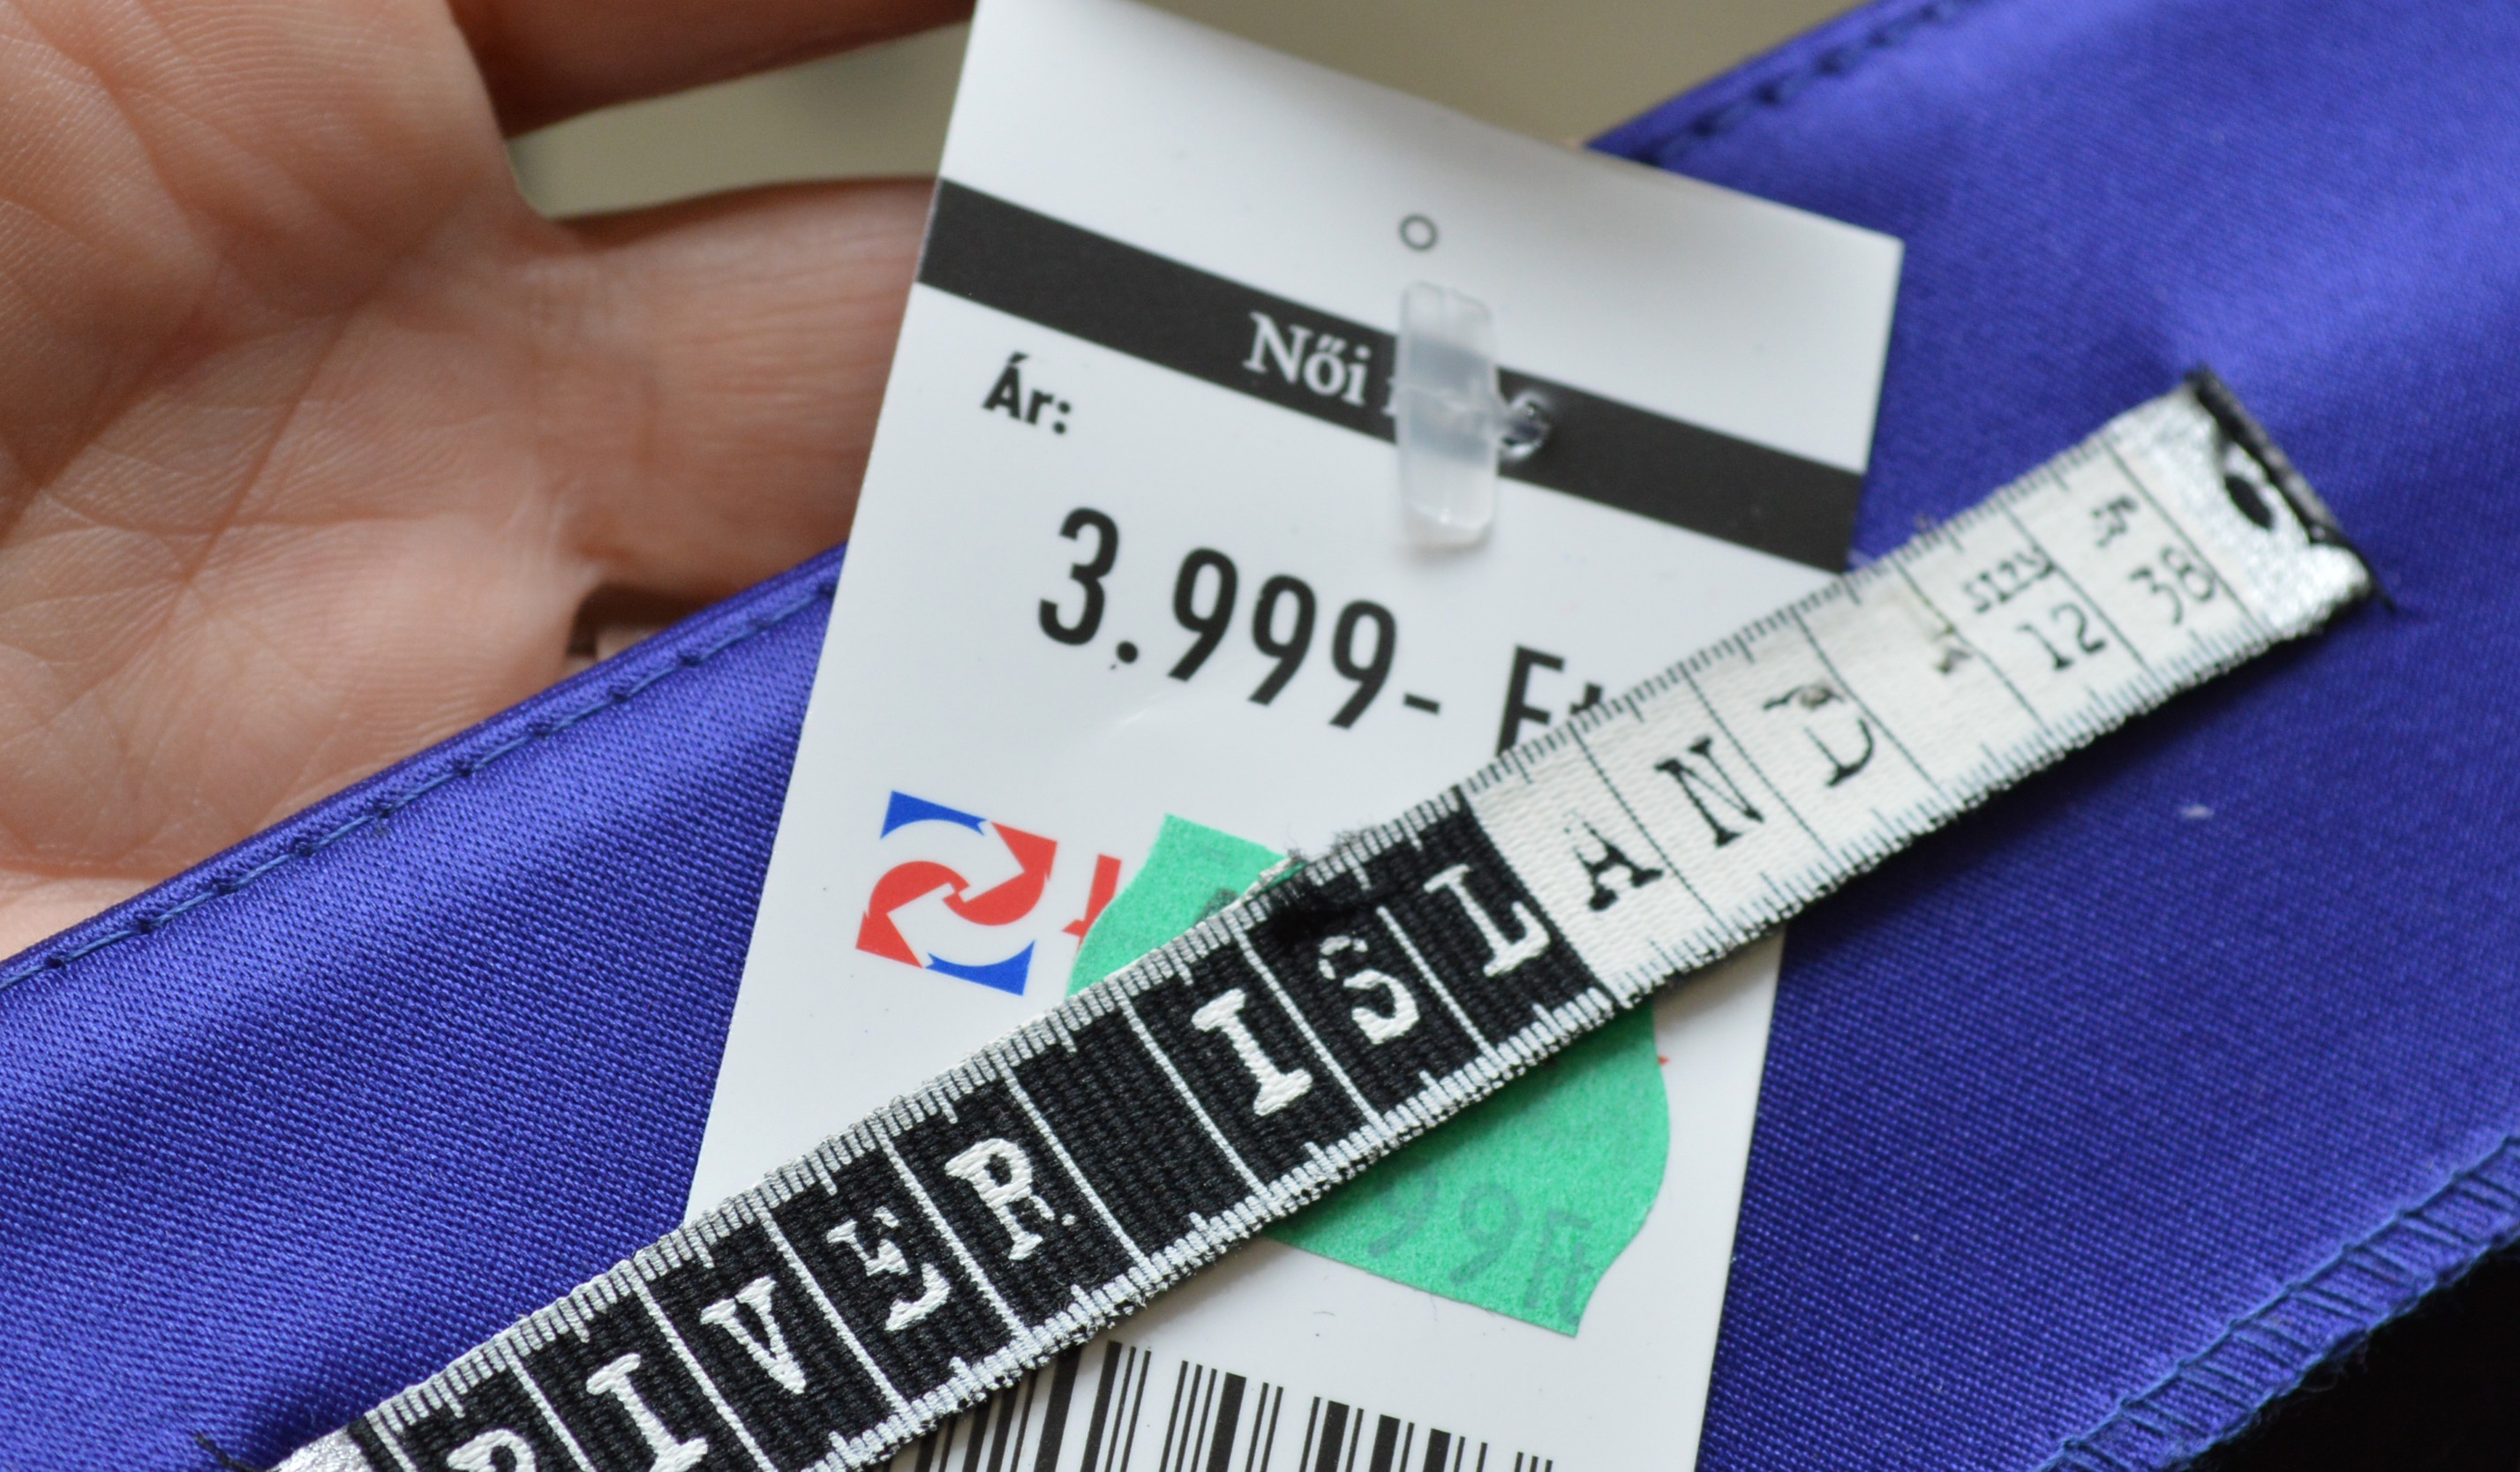 361da40c4a Sokan panaszkodnak manapság, hogy már a használtruha-piac sem a régi. Egyre  drágábbak a levetett darabok, egyes üzletekben 4-5 ezer forintba kerülnek a  ...